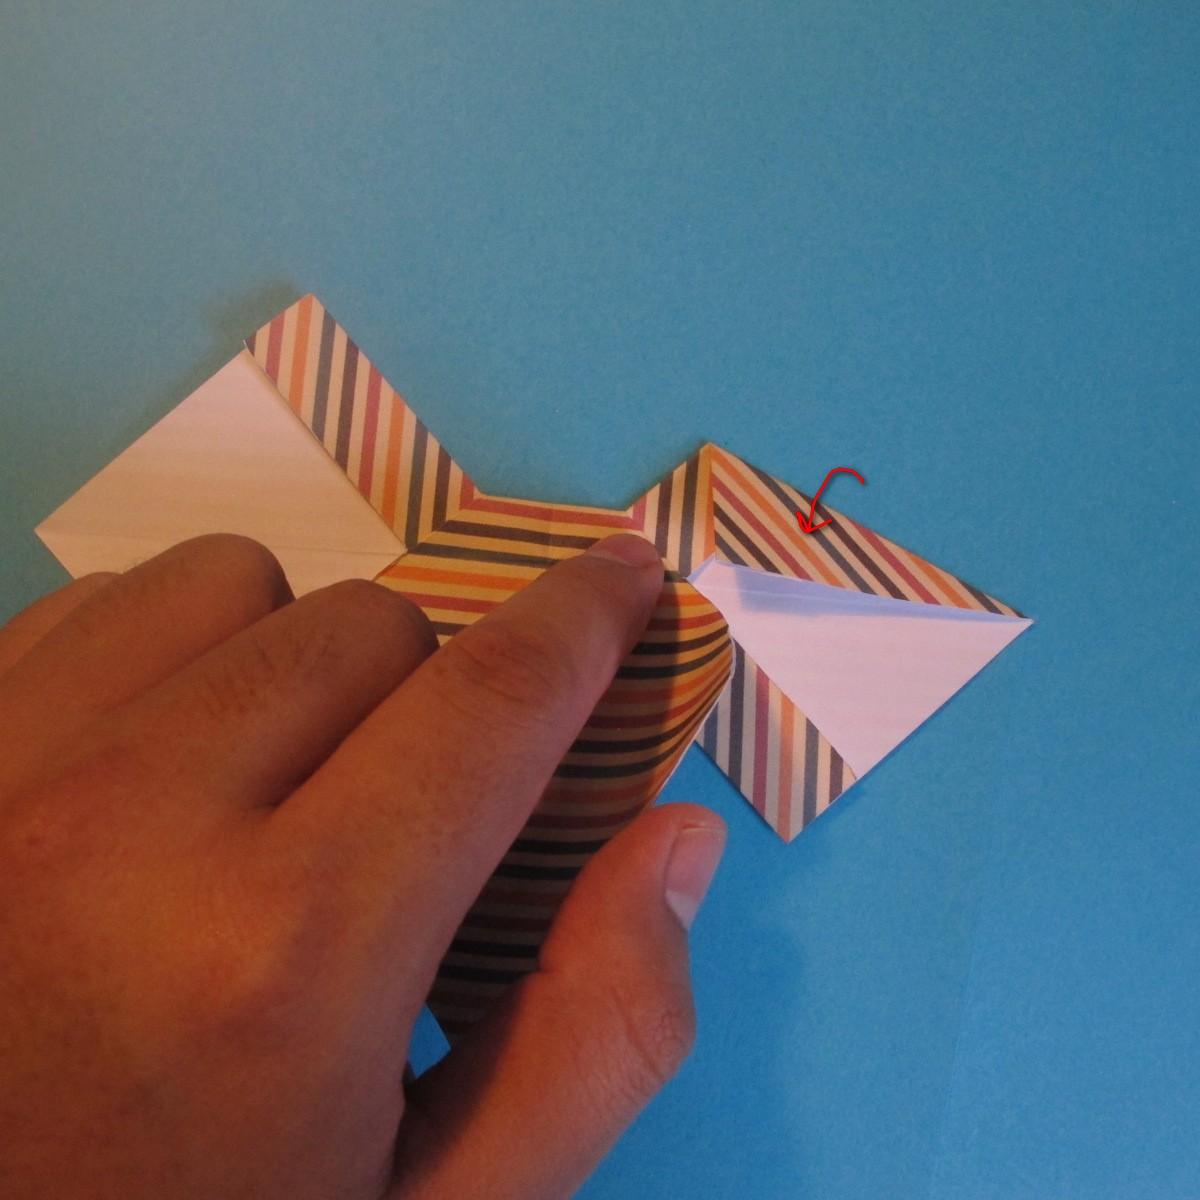 วิธีการพับกระดาษเป็นโบว์หูกระต่าย 019